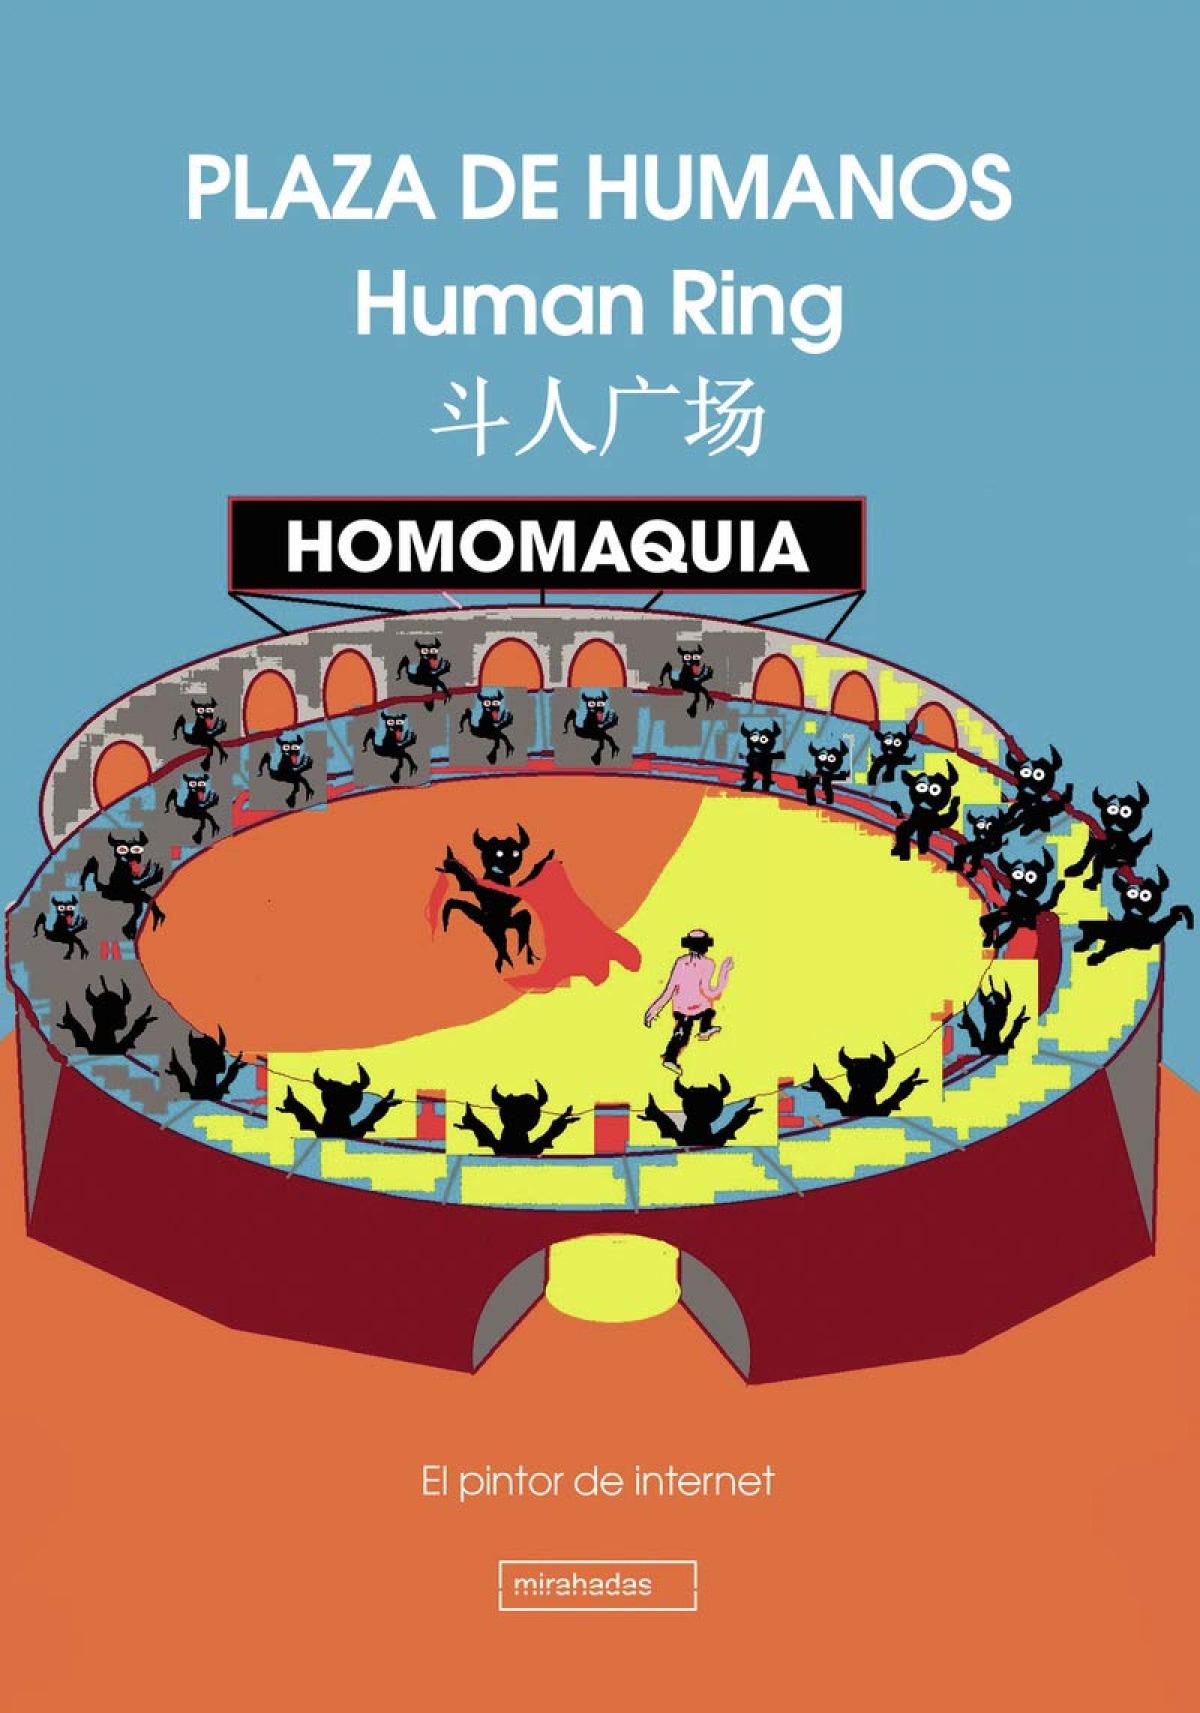 La homomaquia